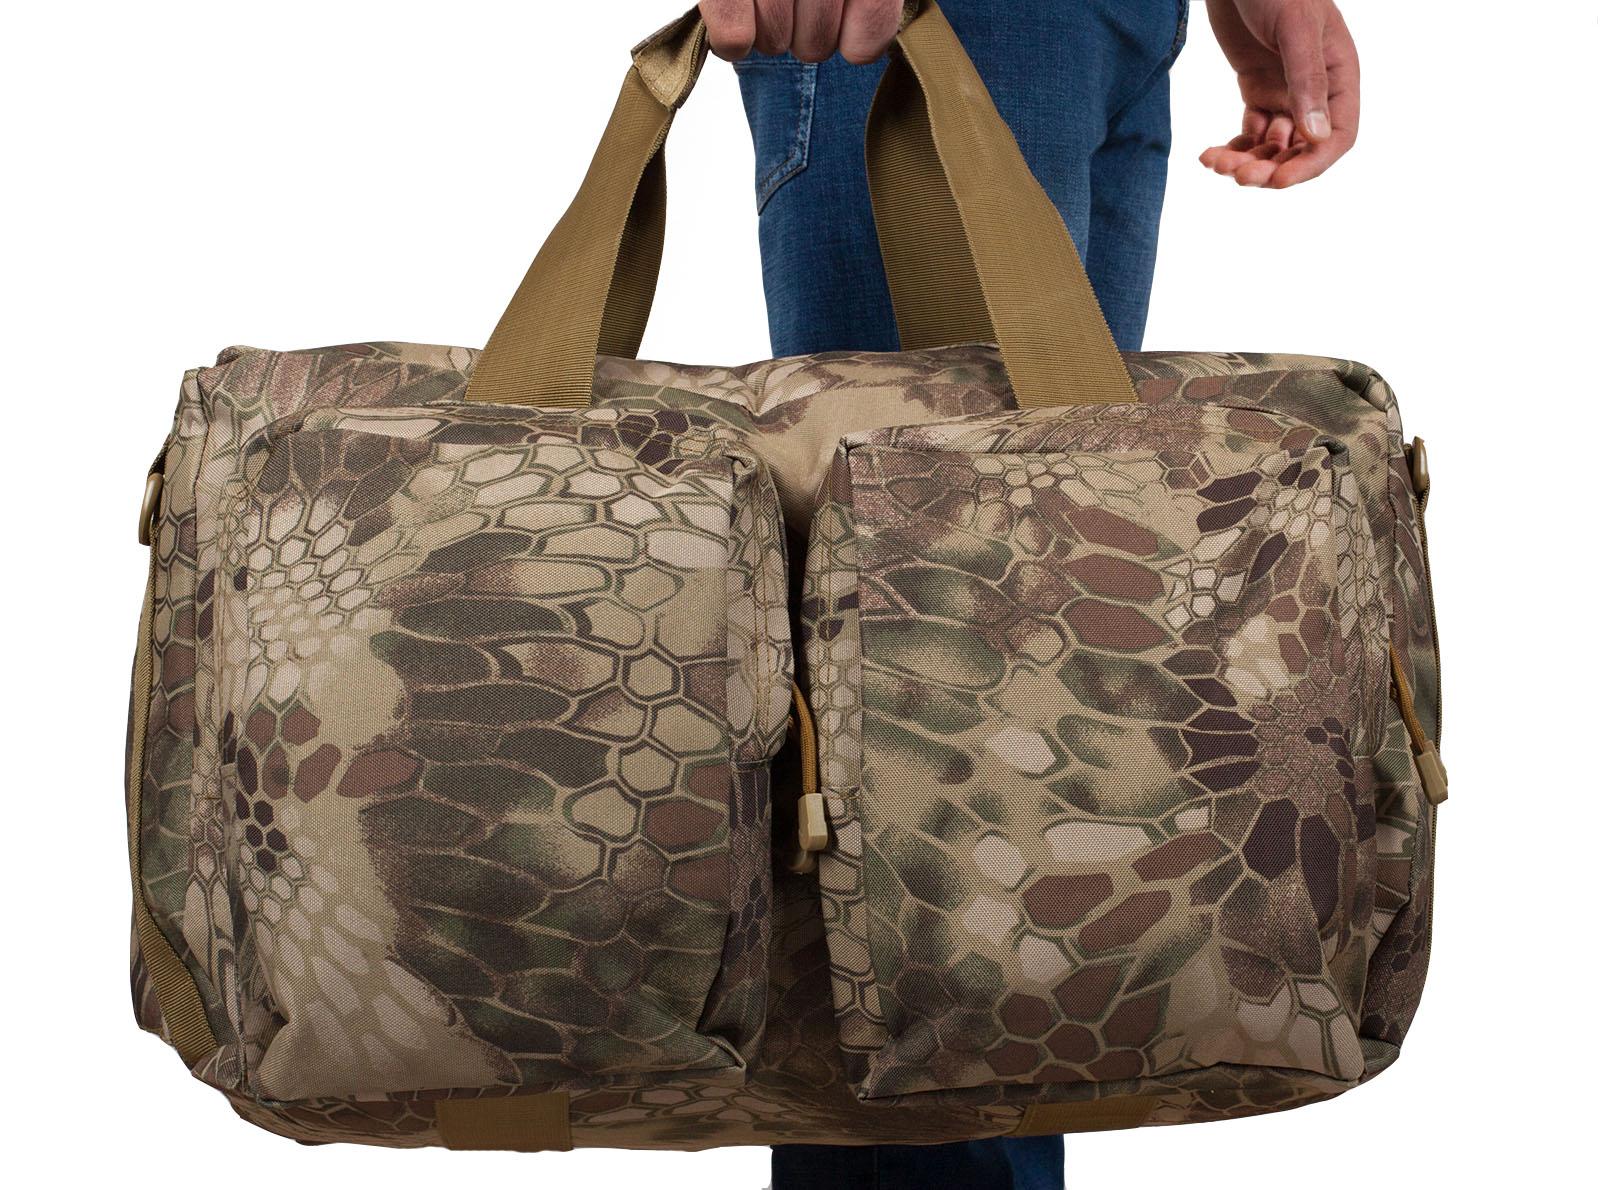 Заплечная тактическая сумка Ни пуха, Ни пера - купить в розницу